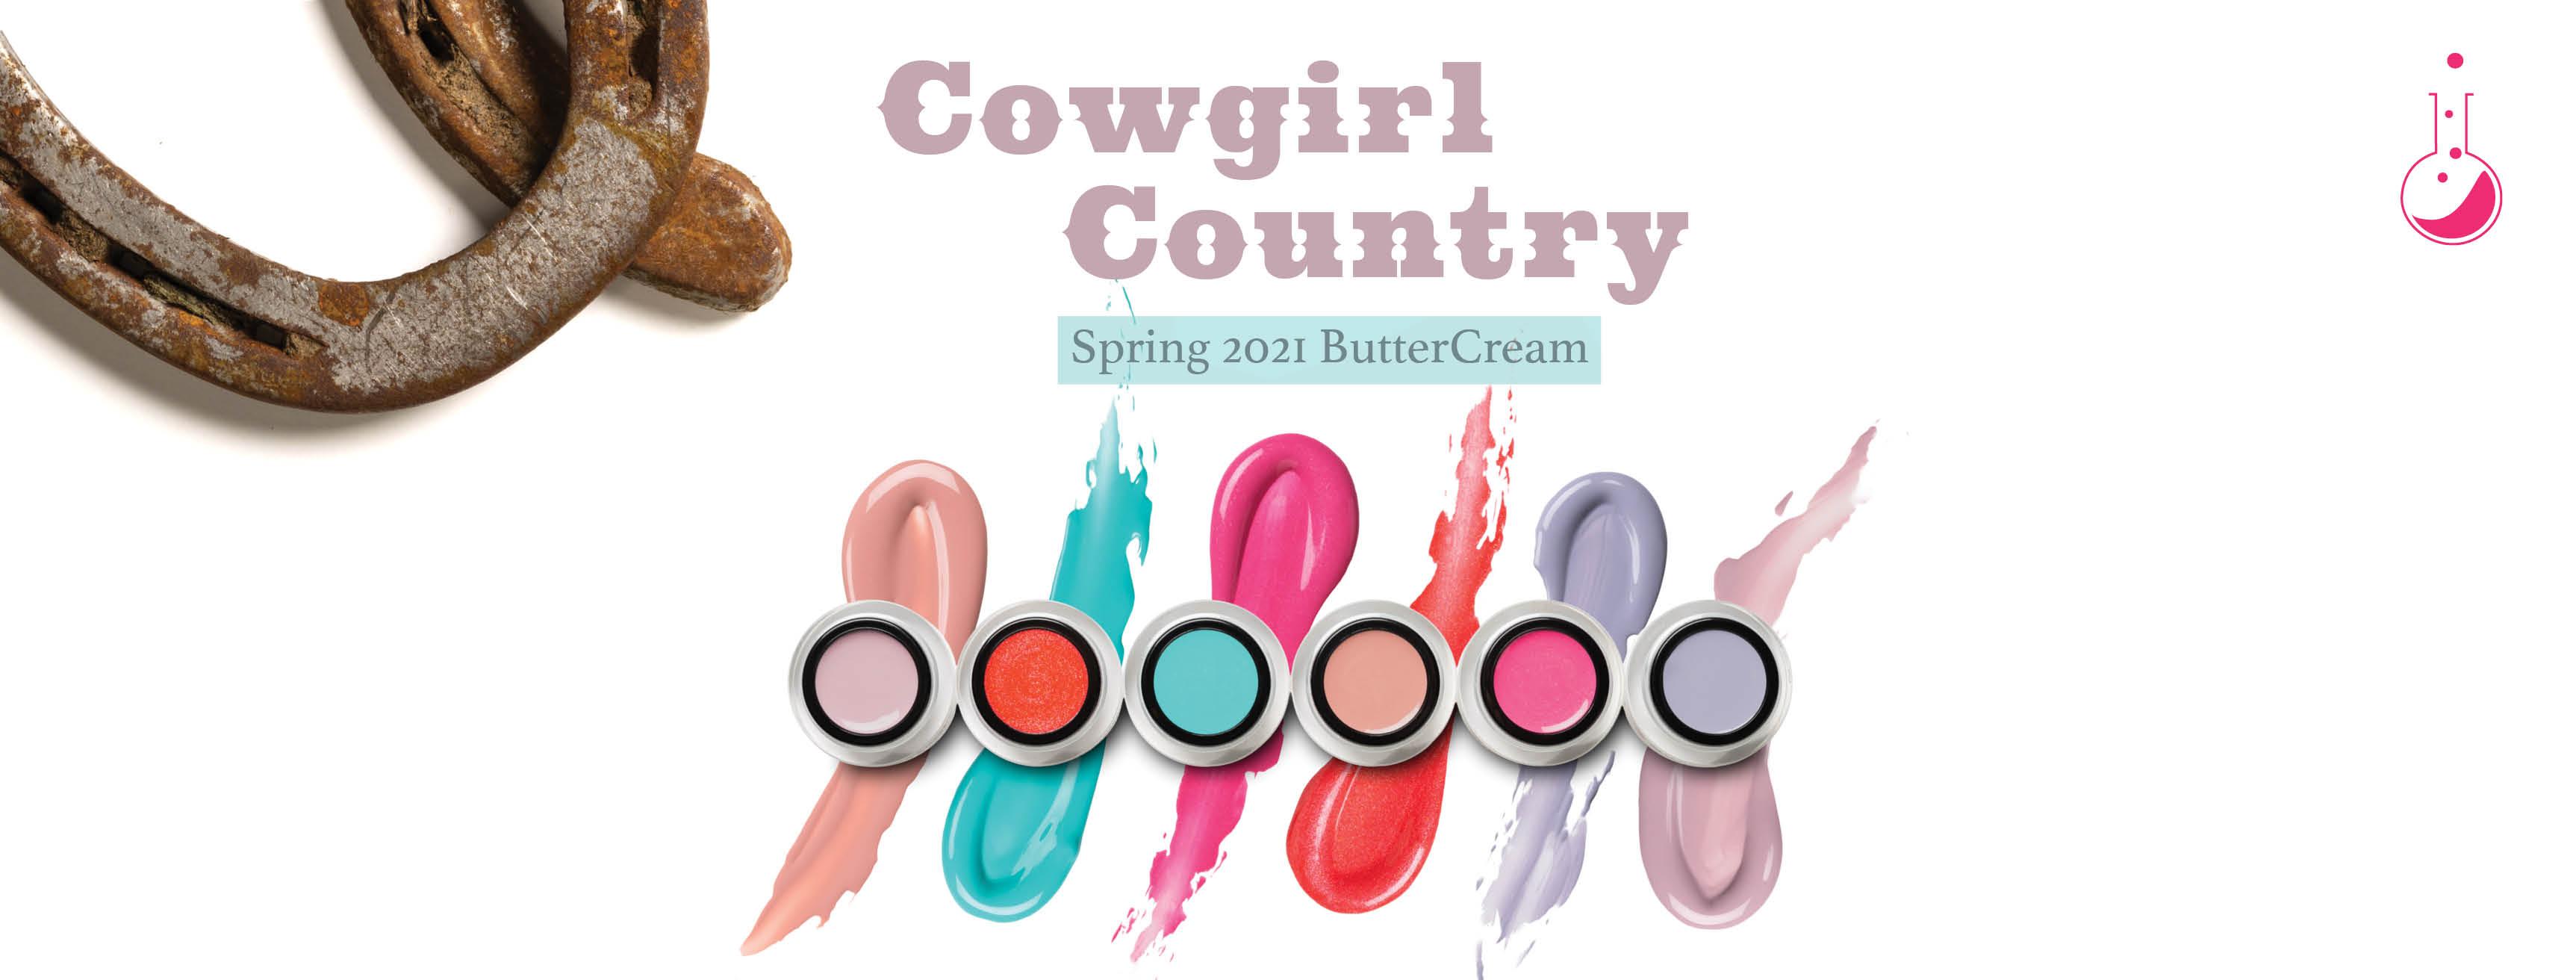 fb-banner-cowgirl.jpg